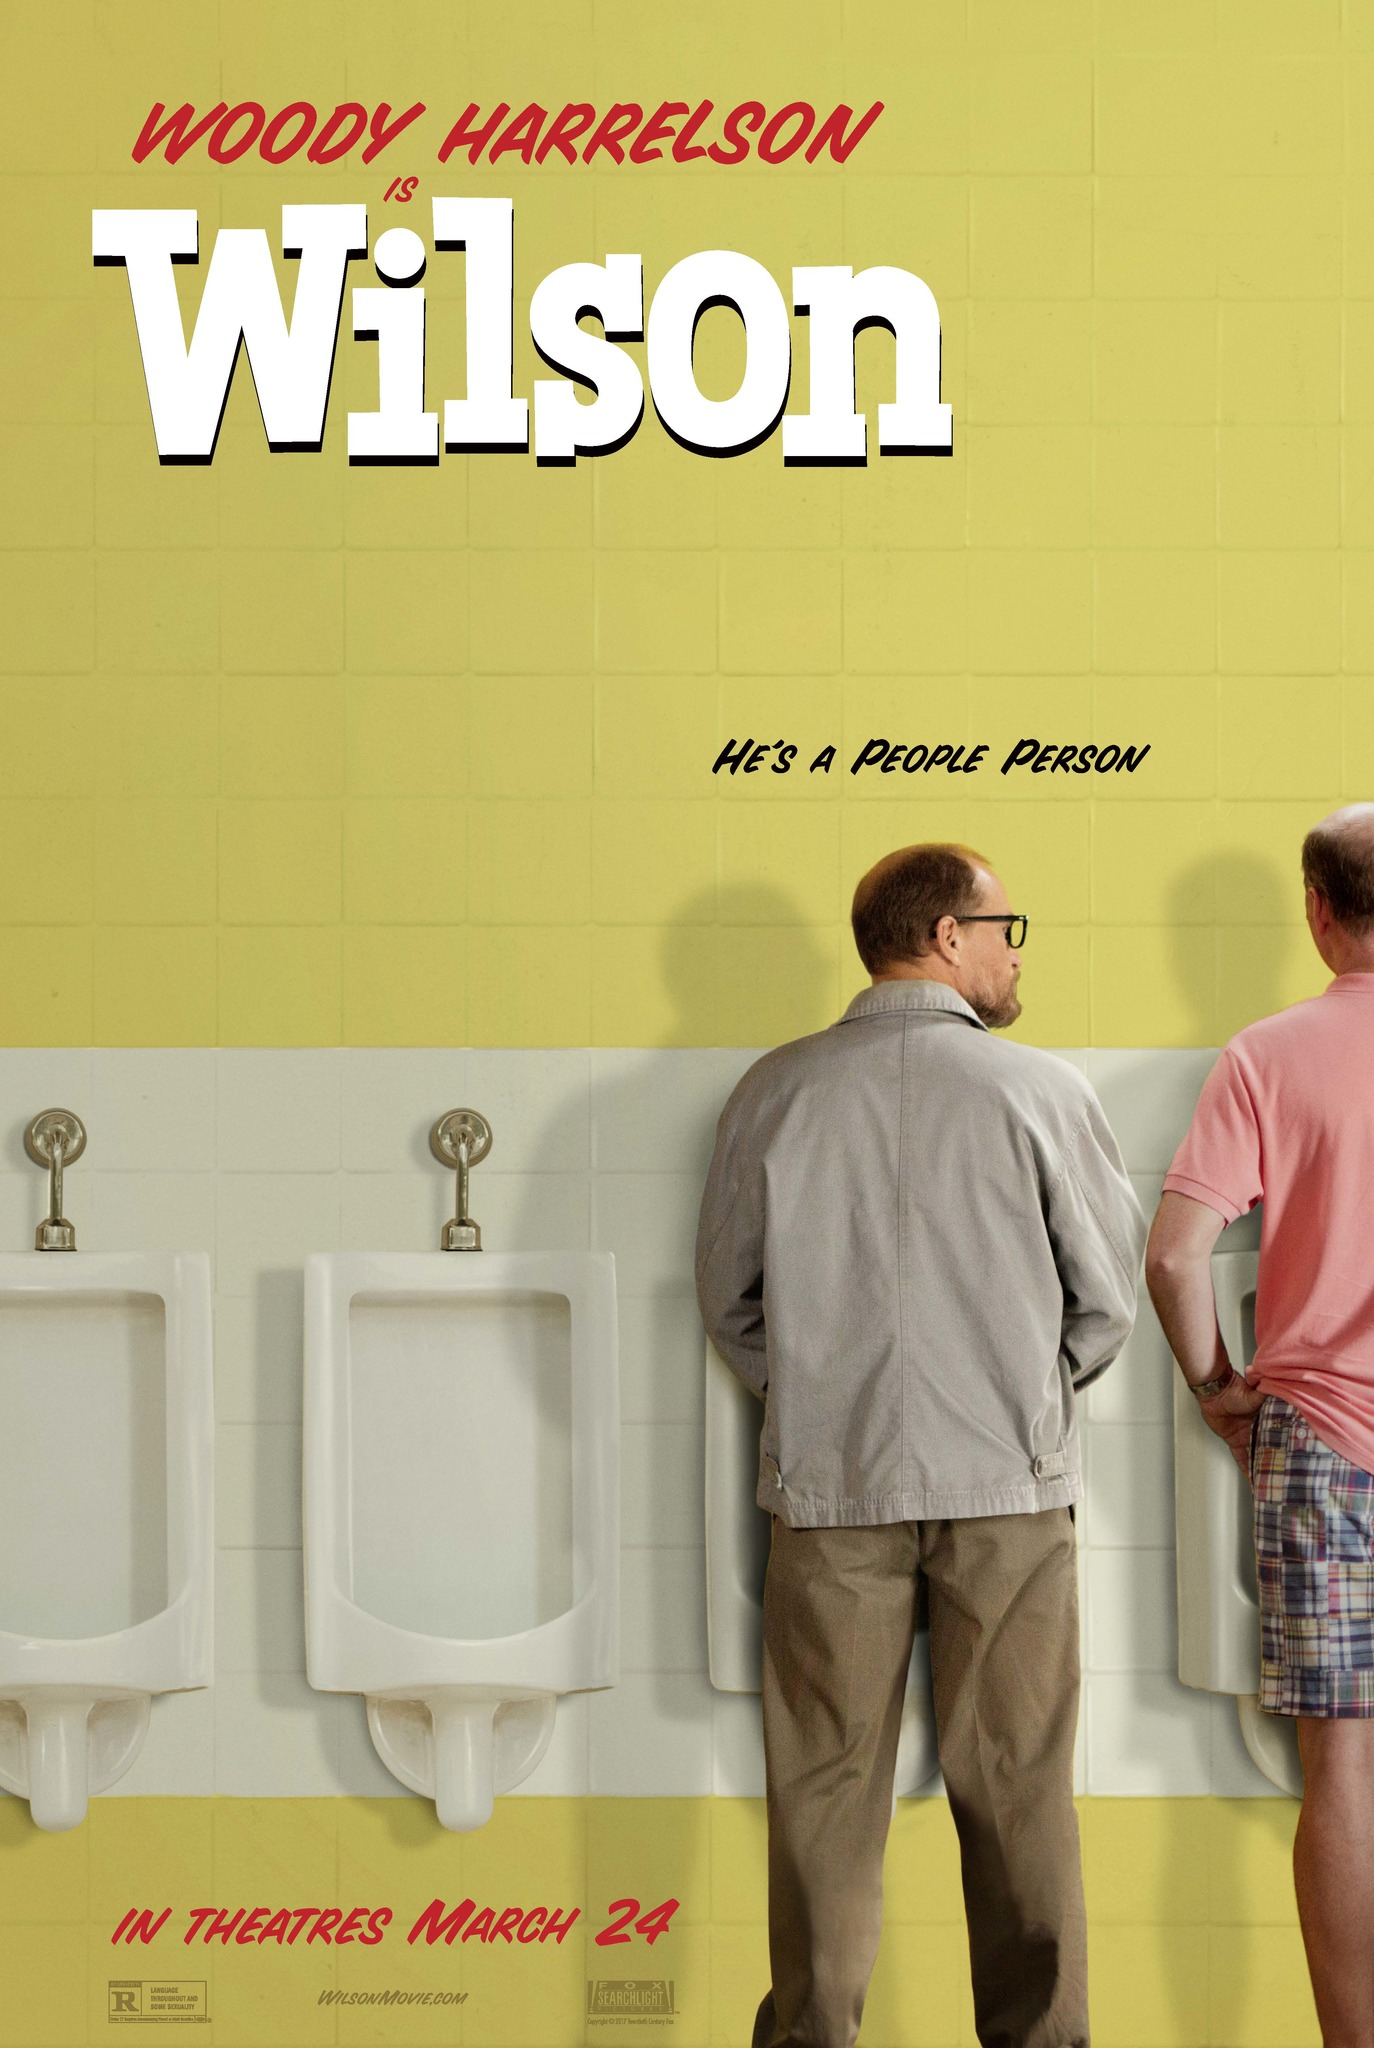 Woody Harrelson in Wilson (2017)